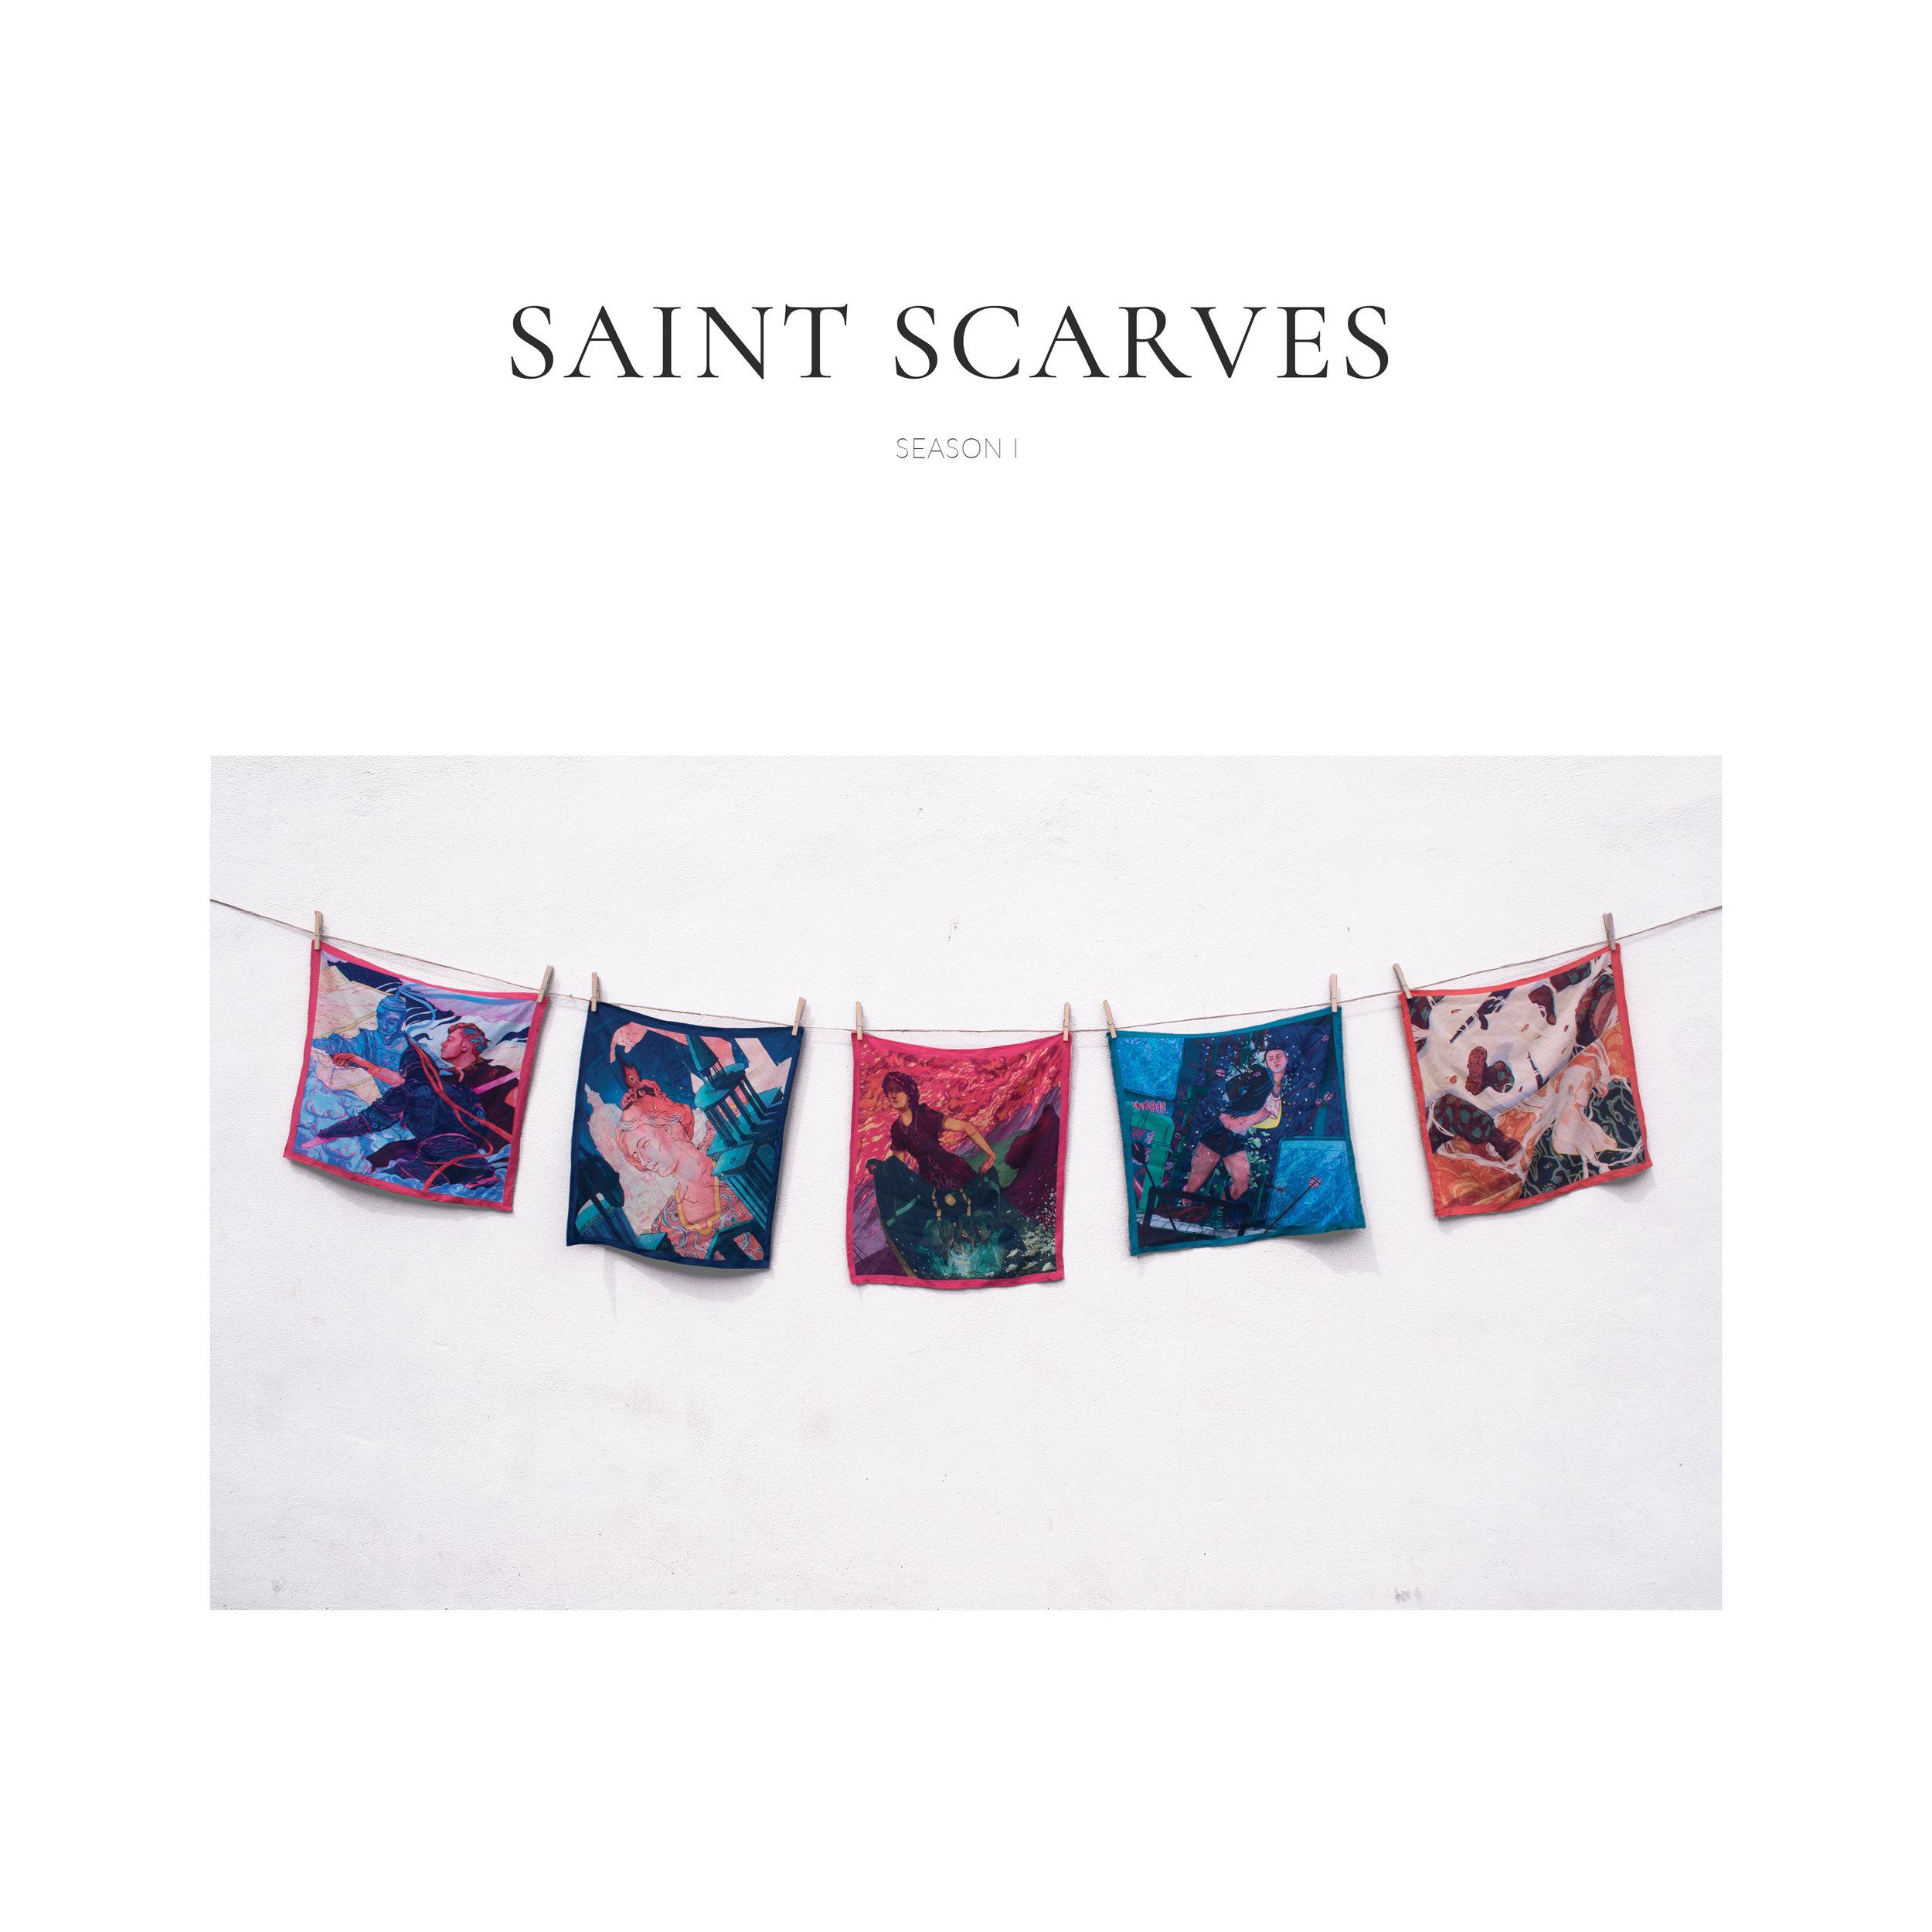 bookscarves.jpg